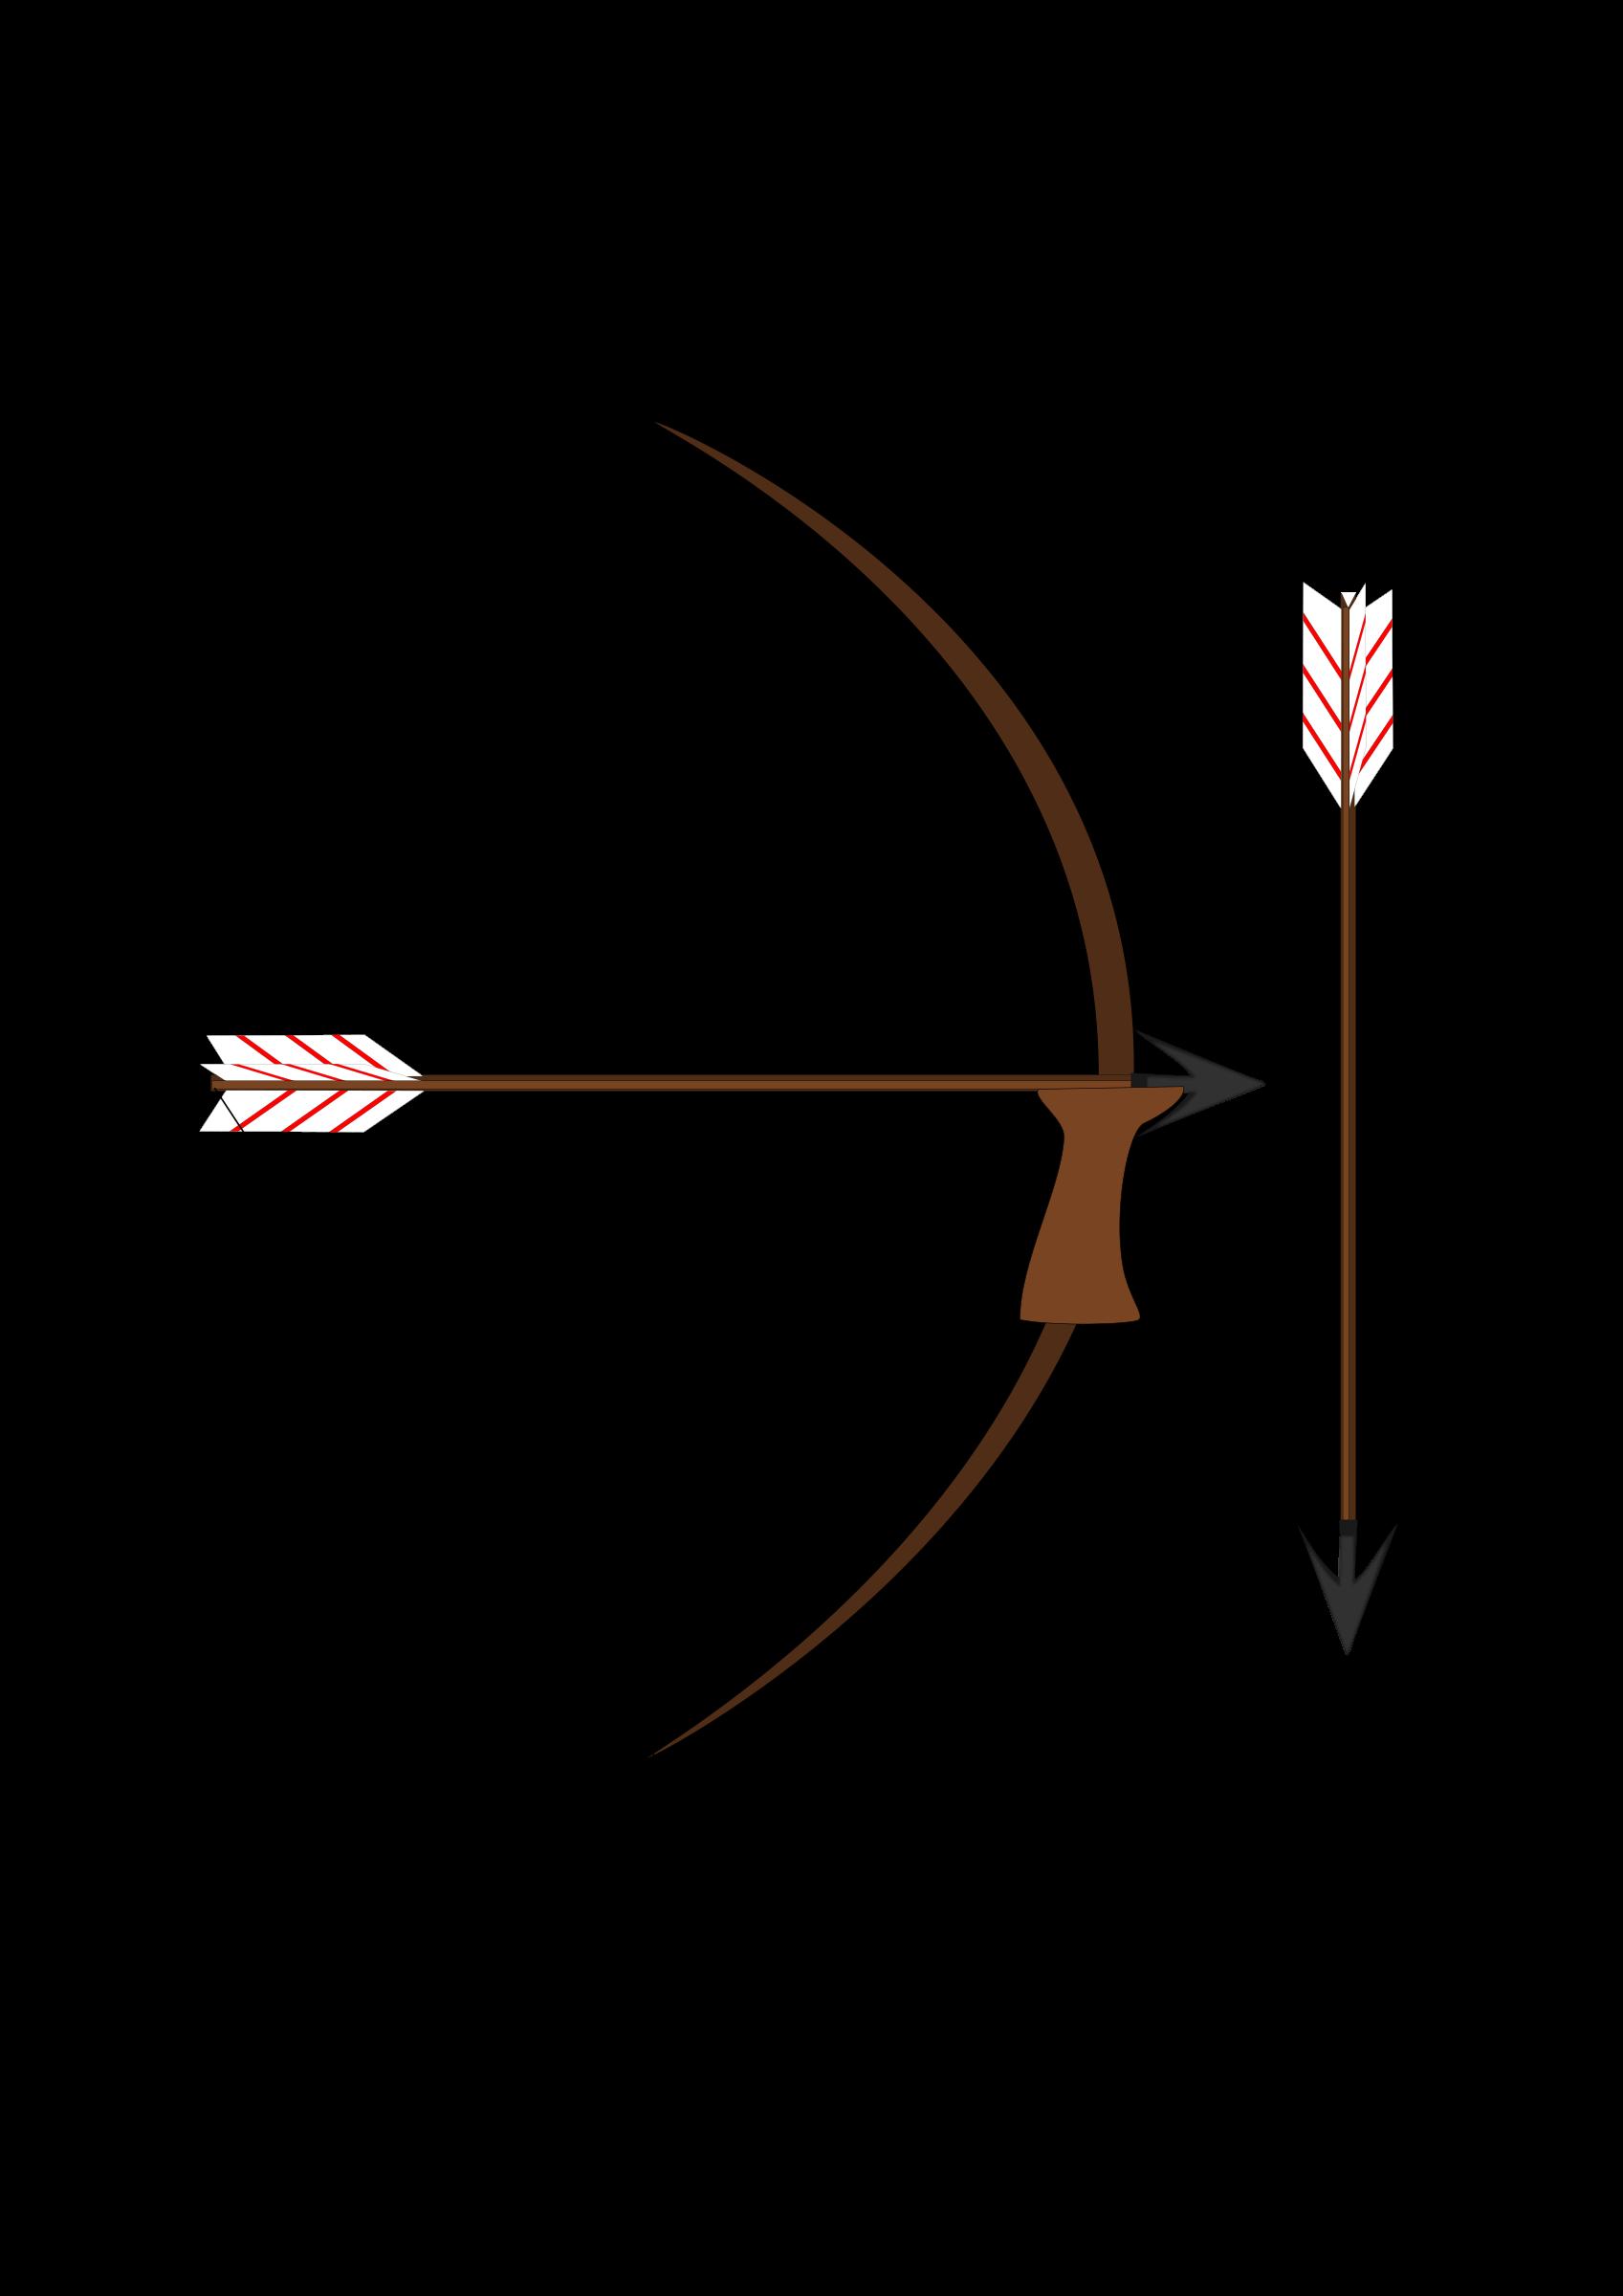 Clipart arrow Bow and arrow